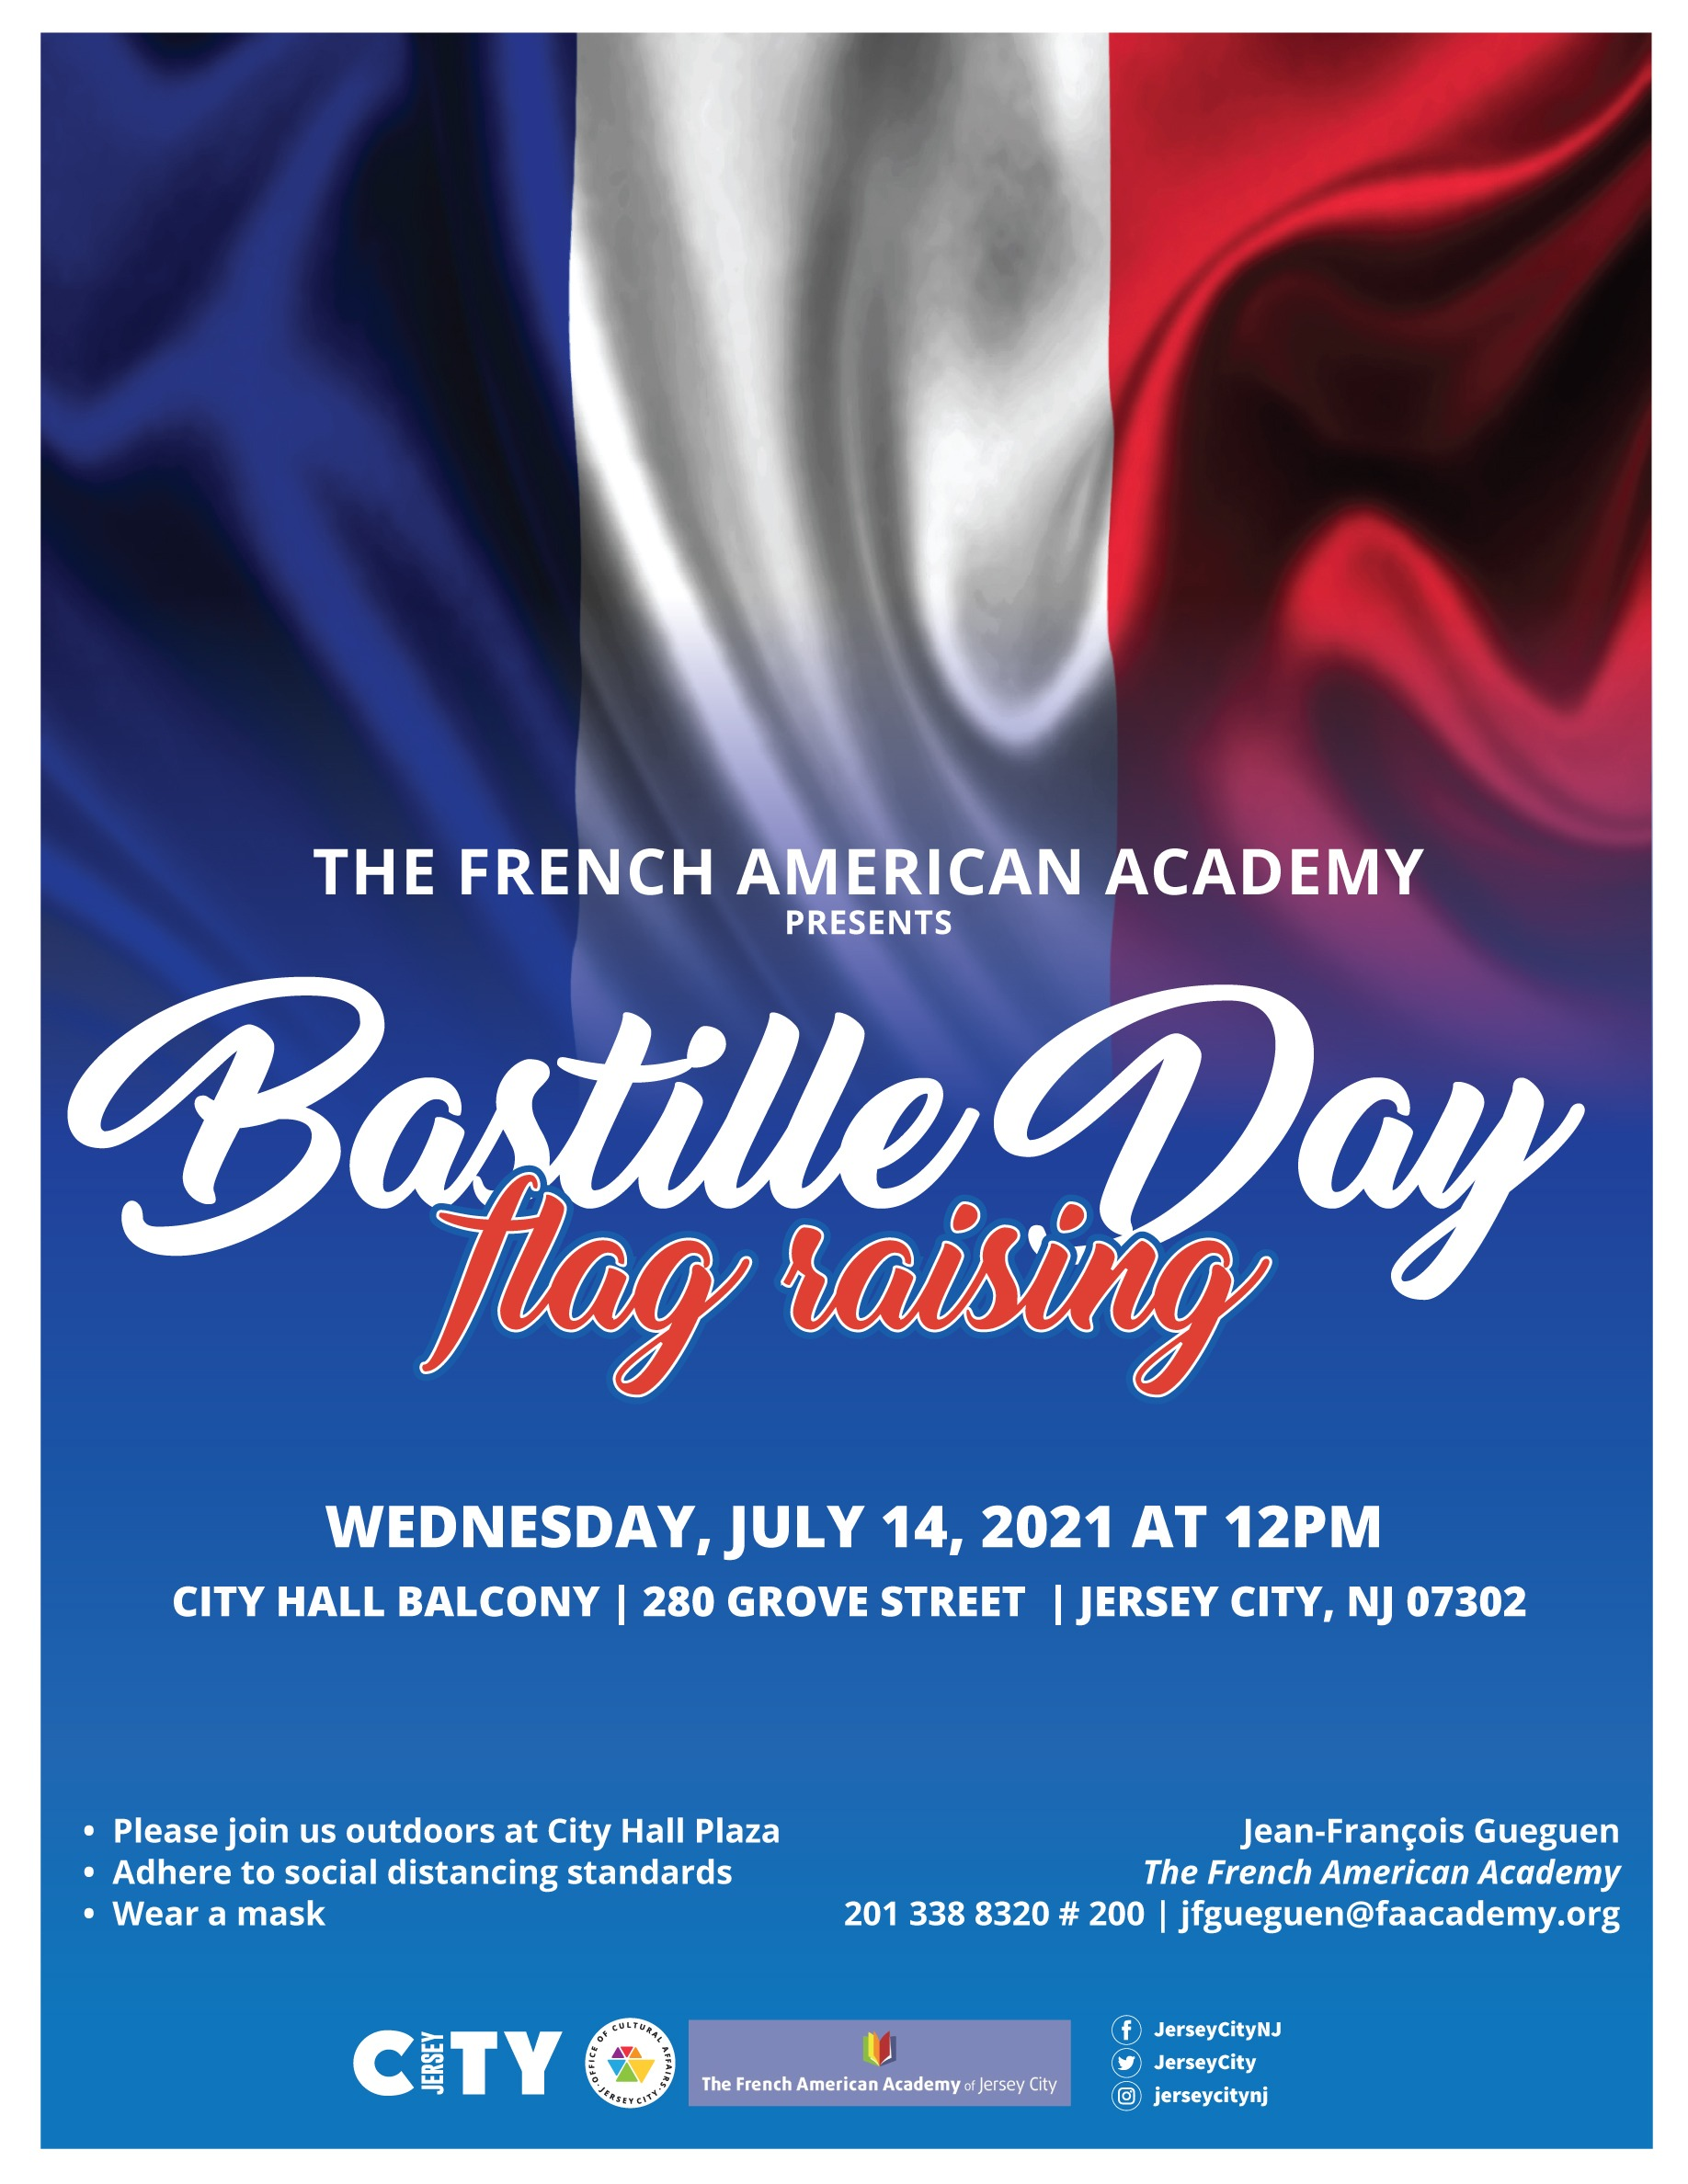 Bastille-Day-flag-raising